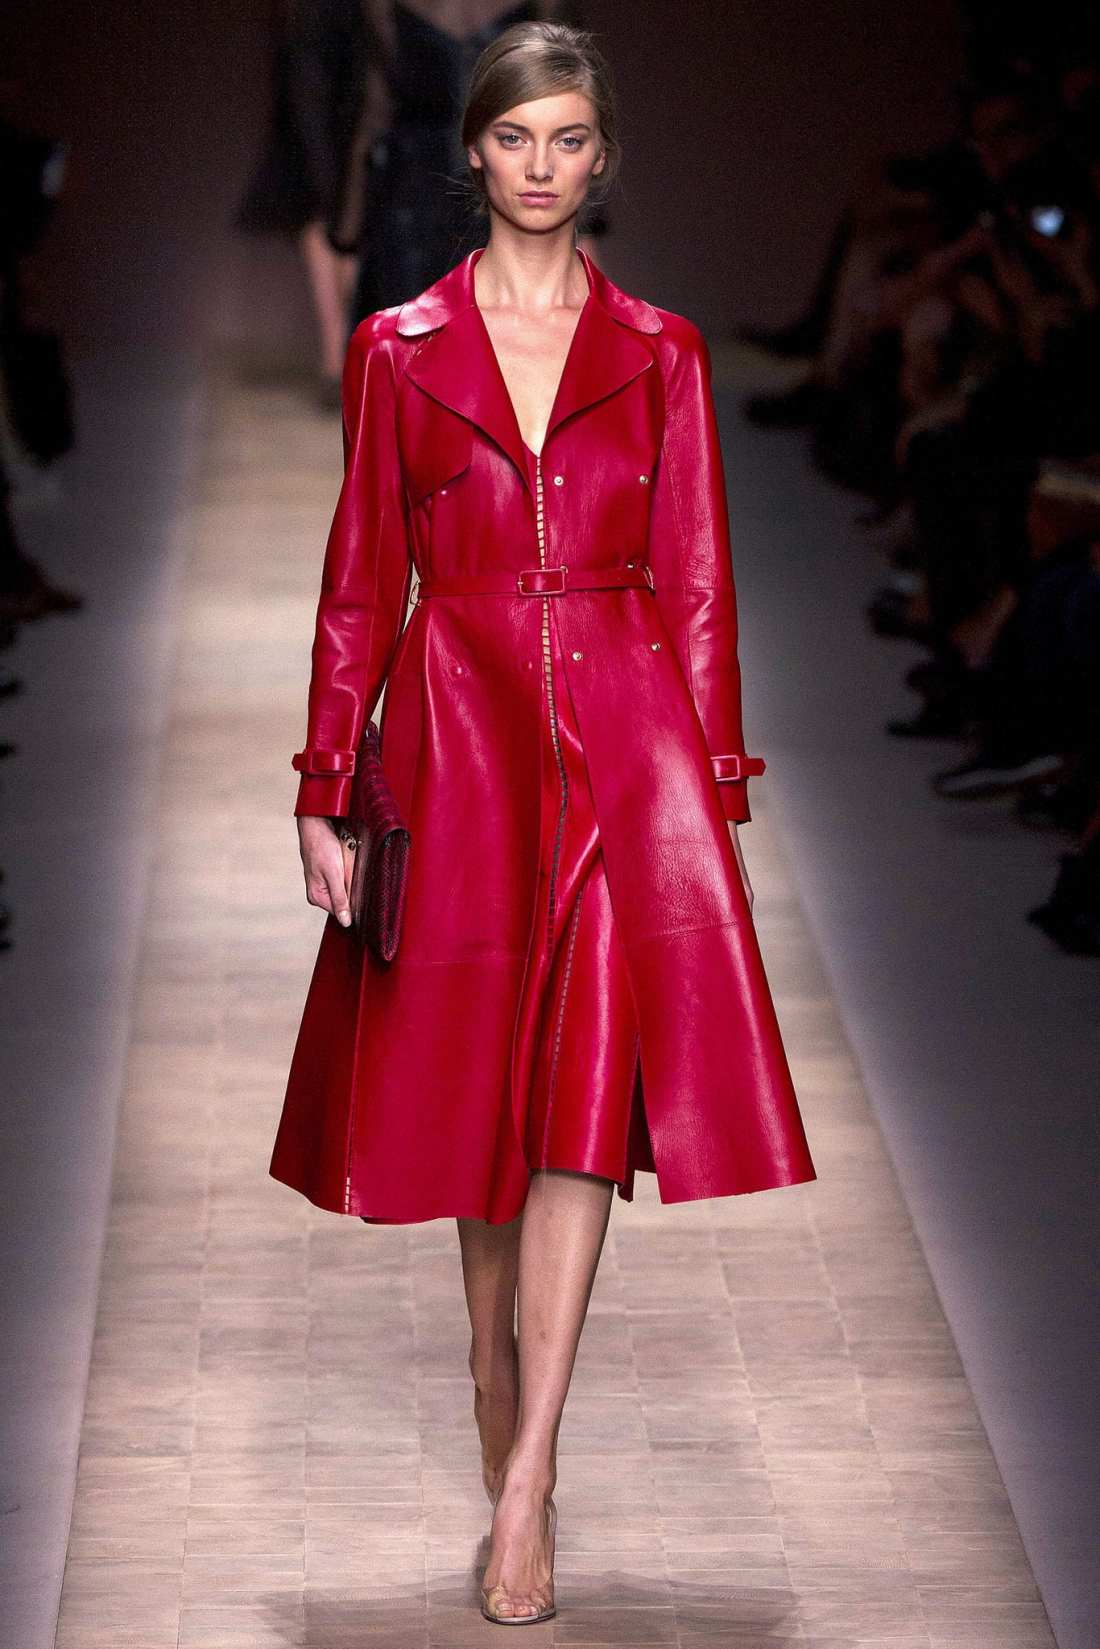 vestido rojo